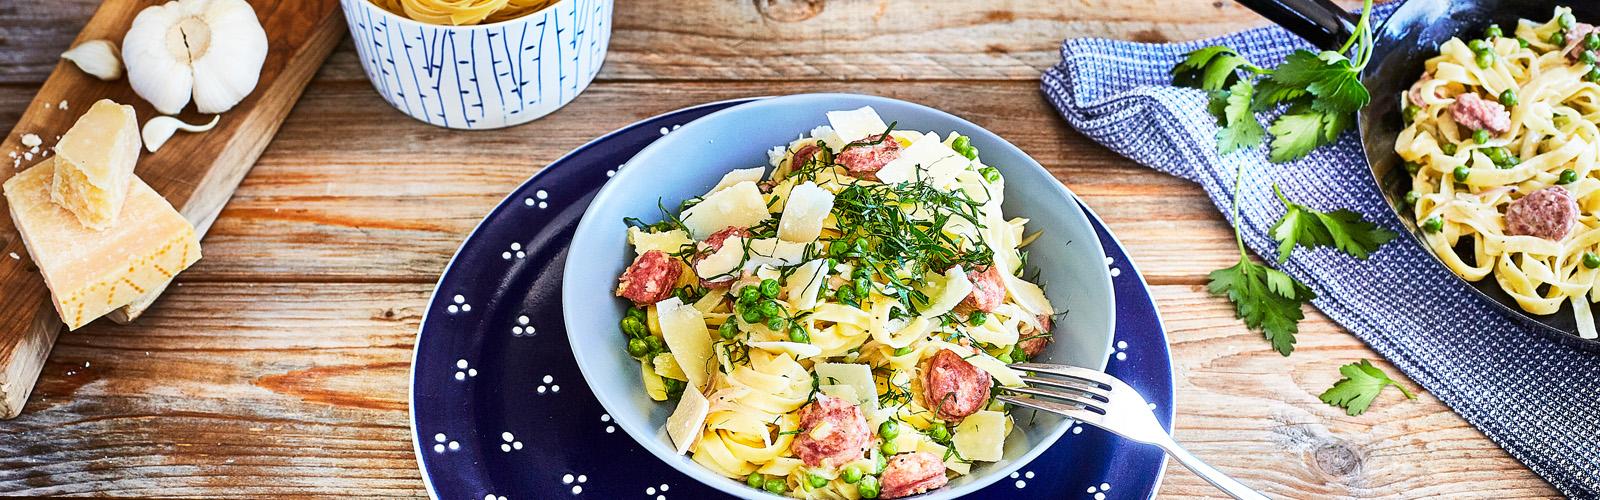 Tagliatelle mit Salsiccia, Erbsen und Grana Padano